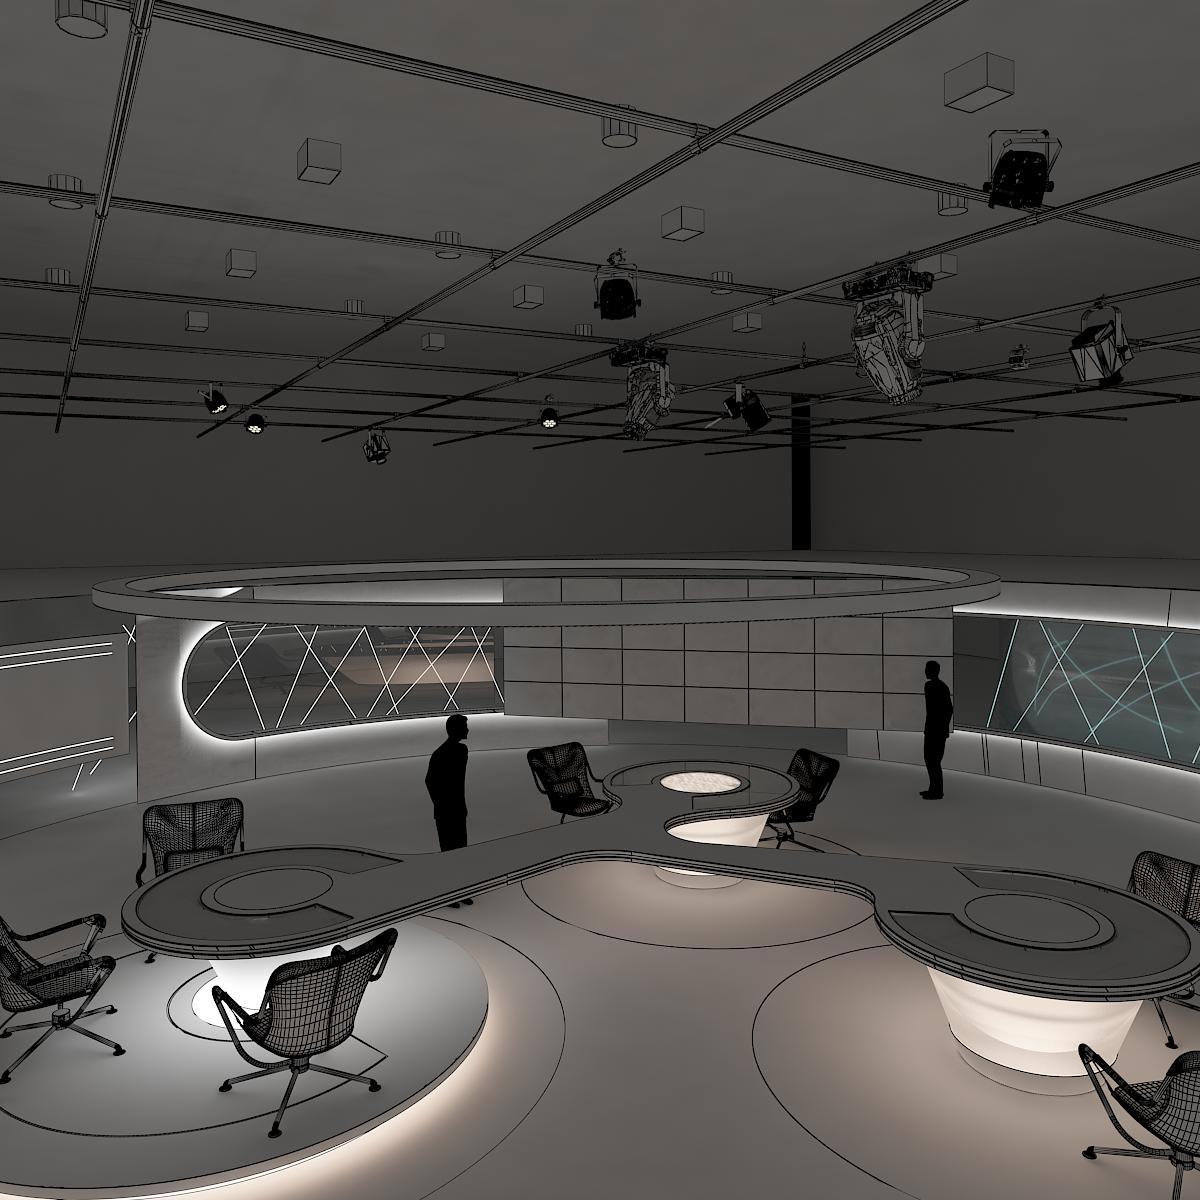 виртуал өргөн нэвтрүүлгийн телевизийн мэдээллийн студи 028 3d загвар max dxf fbx бүтэцтэй obj 215584